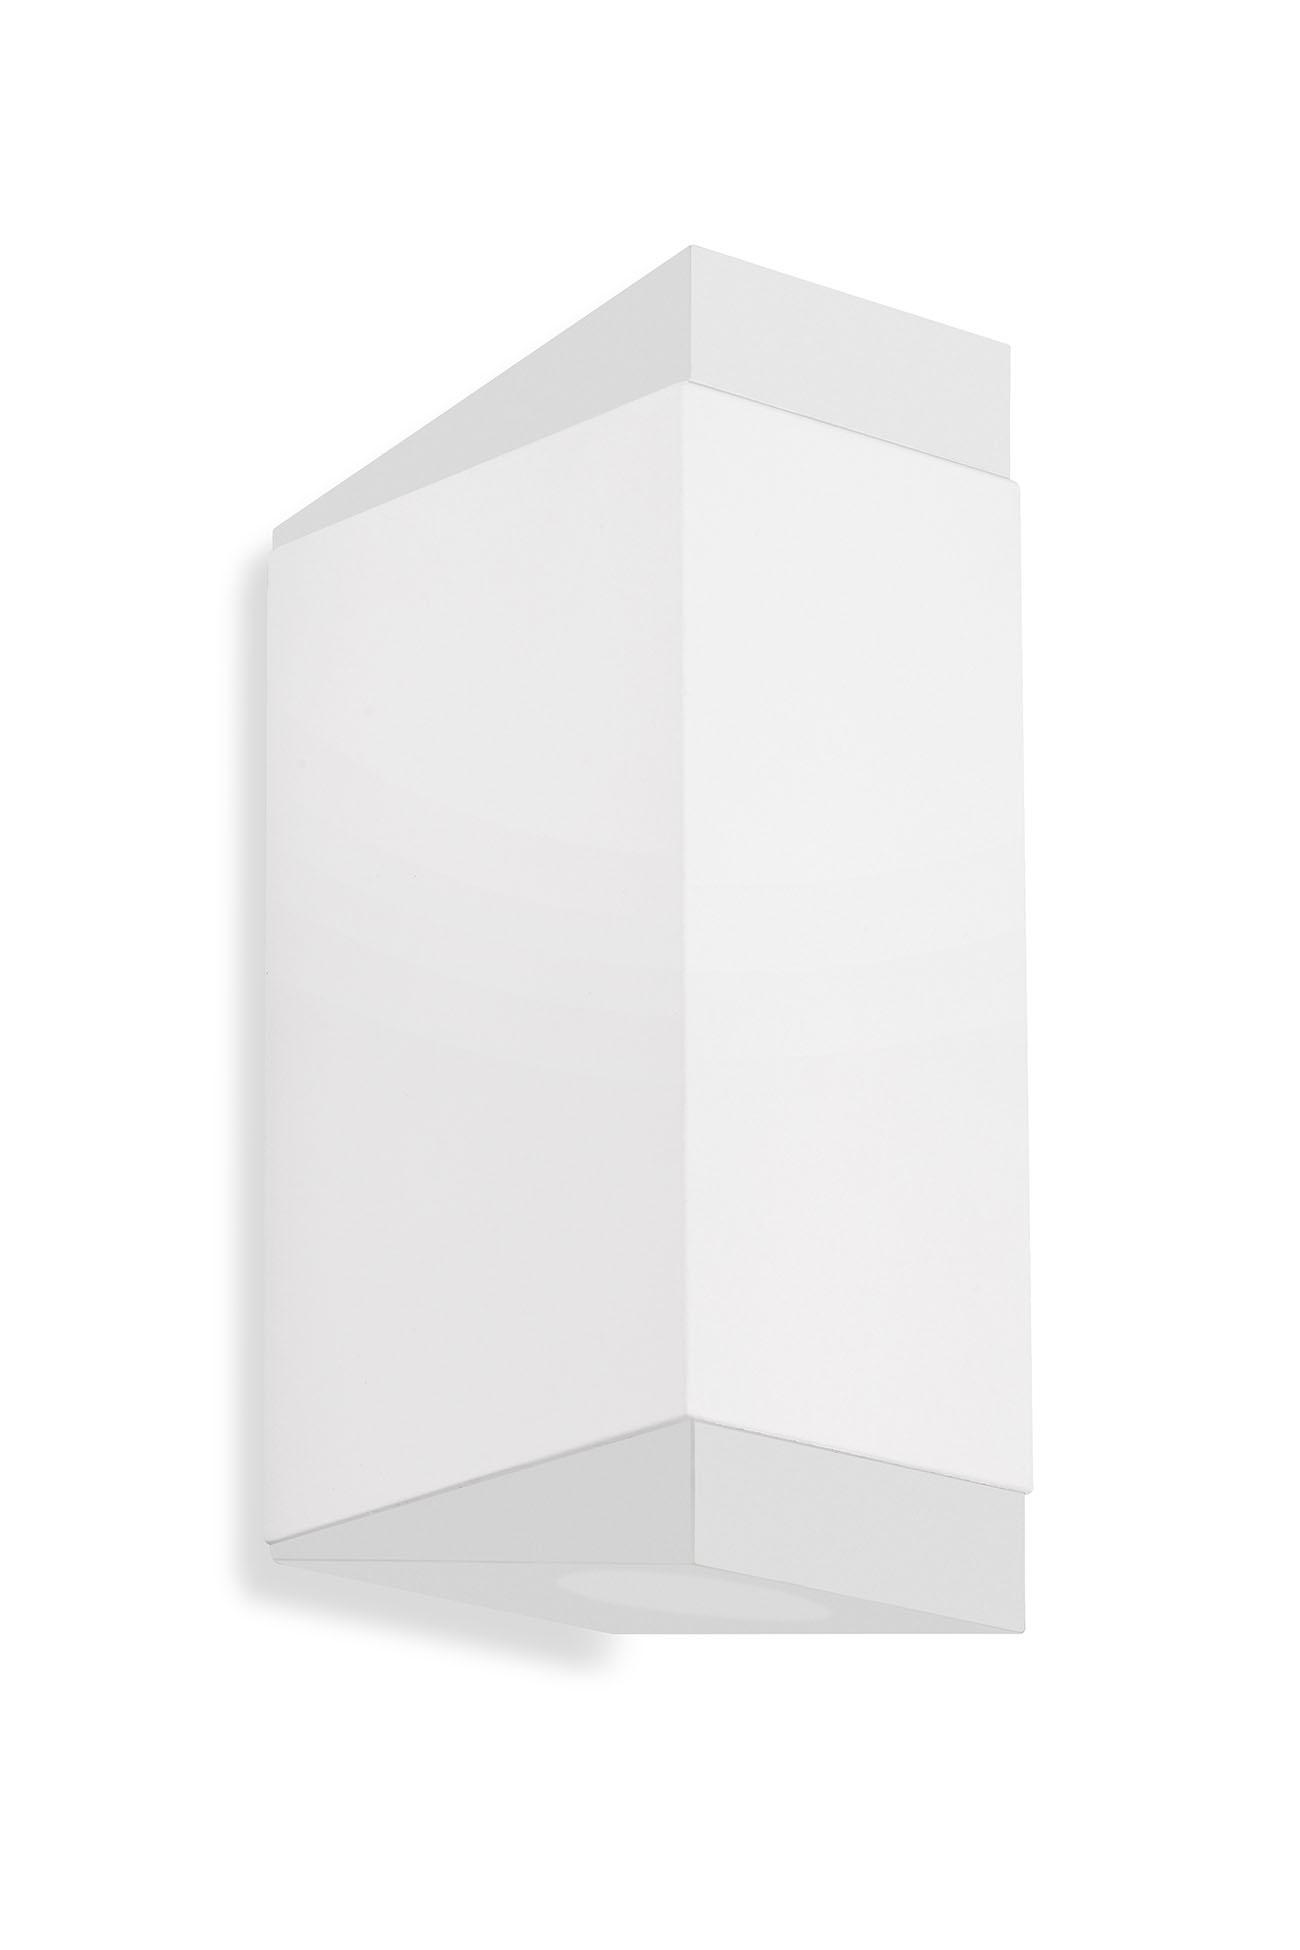 TELEFUNKEN LED Aussenwandleuchte, 19 cm, 10 W, Weiss